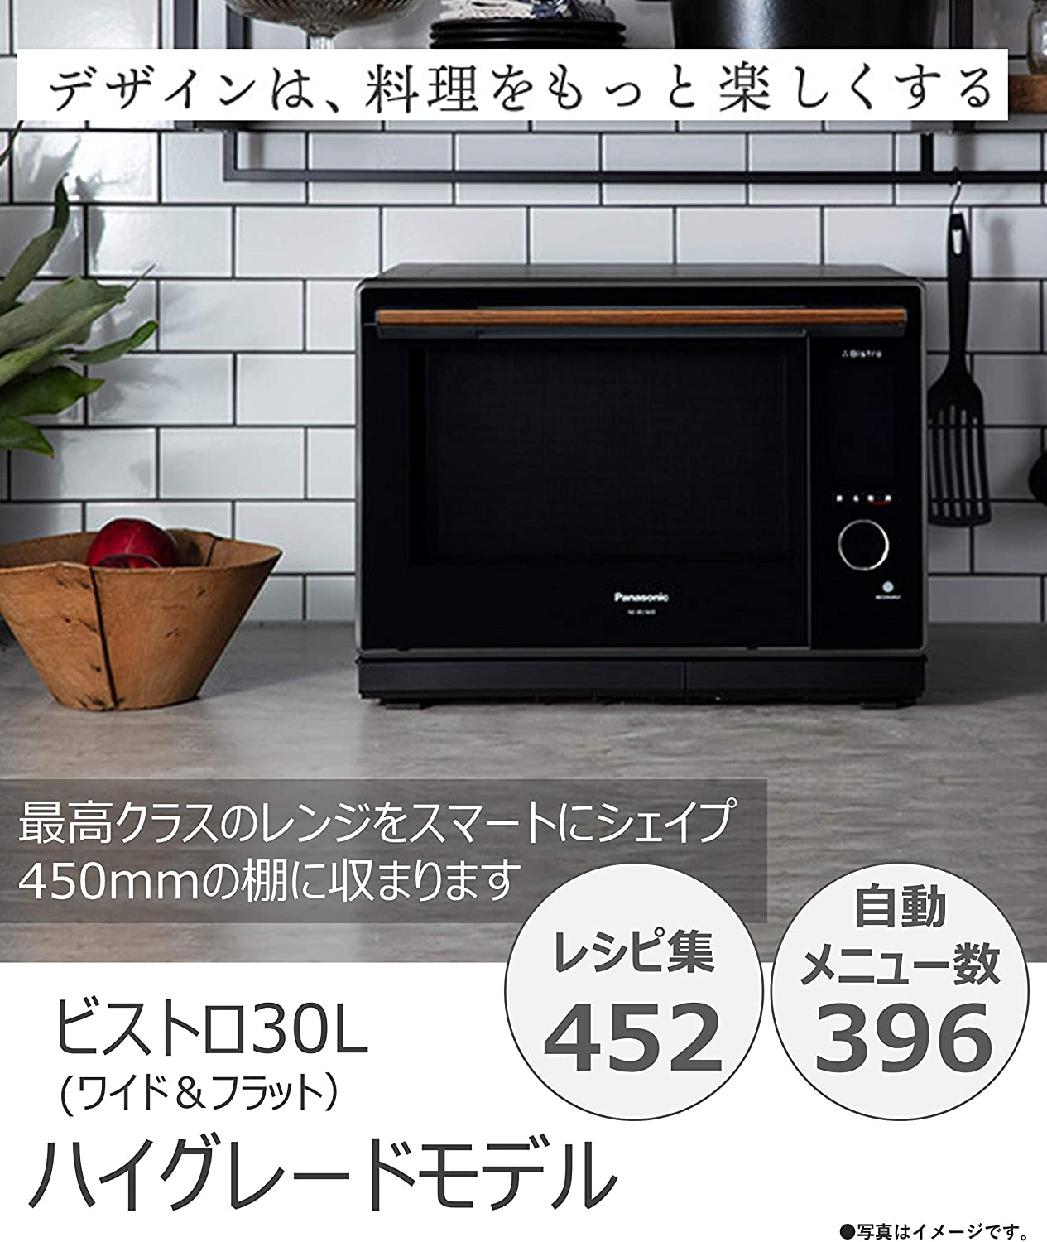 Panasonic(パナソニック) スチームオーブンレンジ NE-BS1600の商品画像2